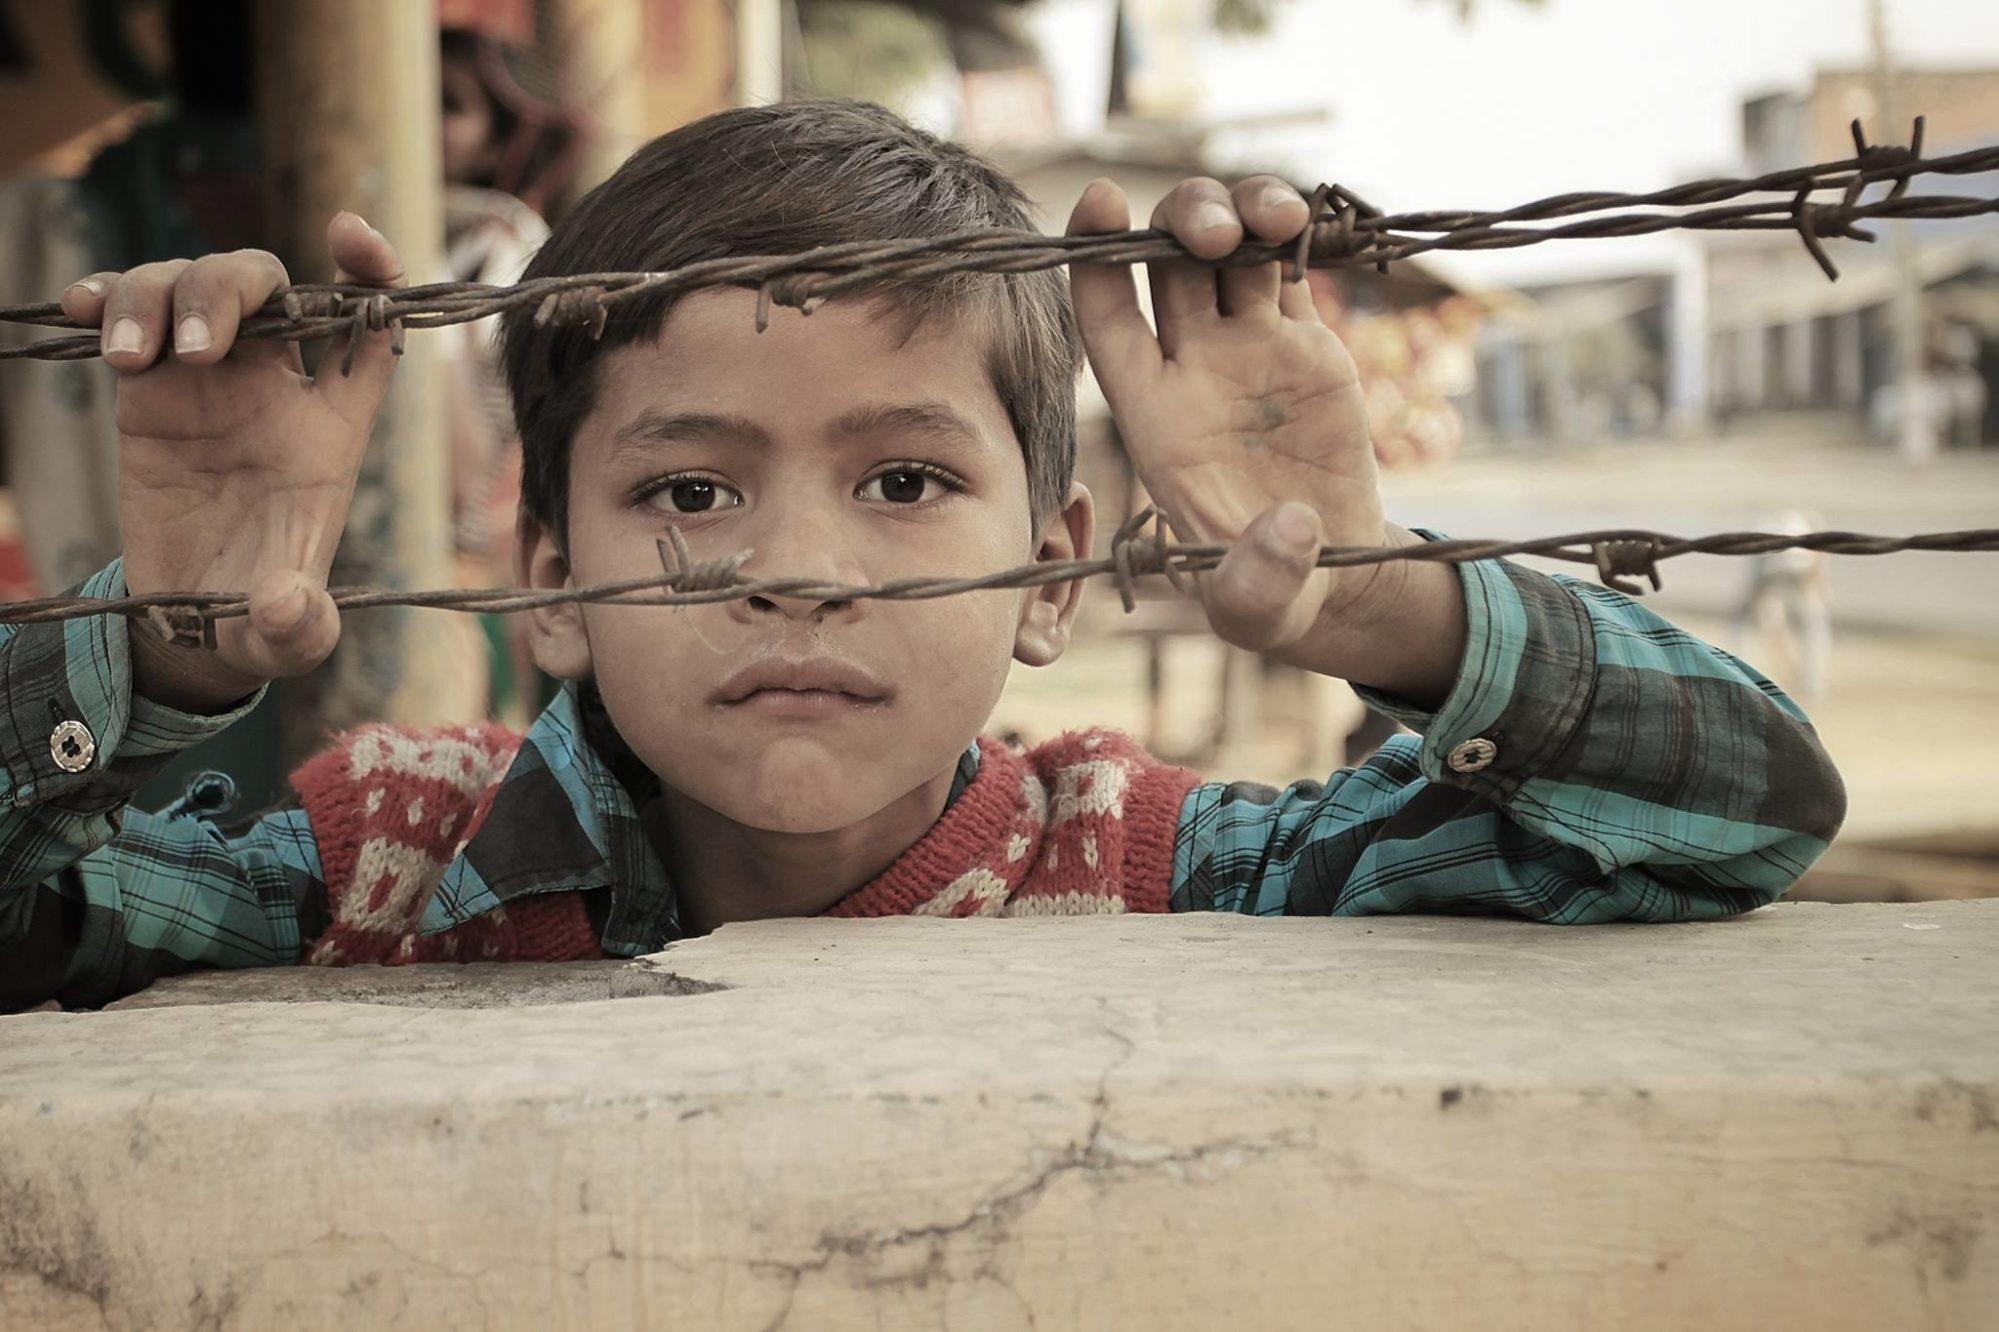 Enfant derrière les barbelés d'un camp de réfugiés